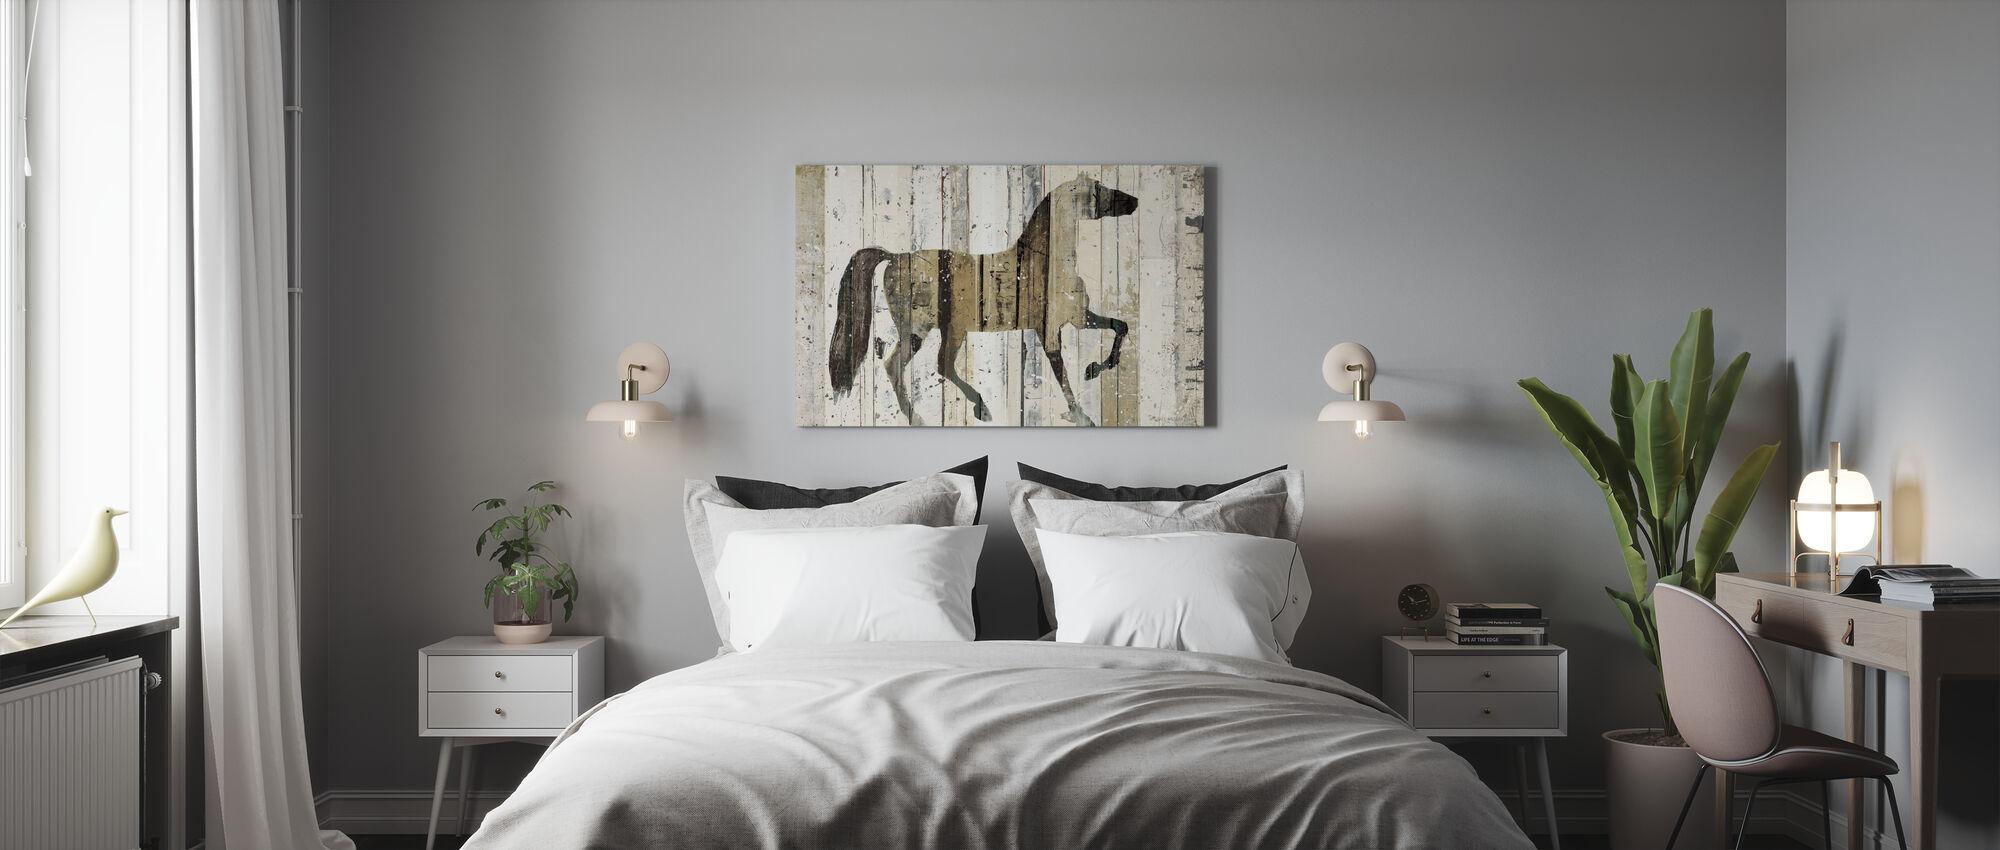 Tumma hevonen - Canvastaulu - Makuuhuone